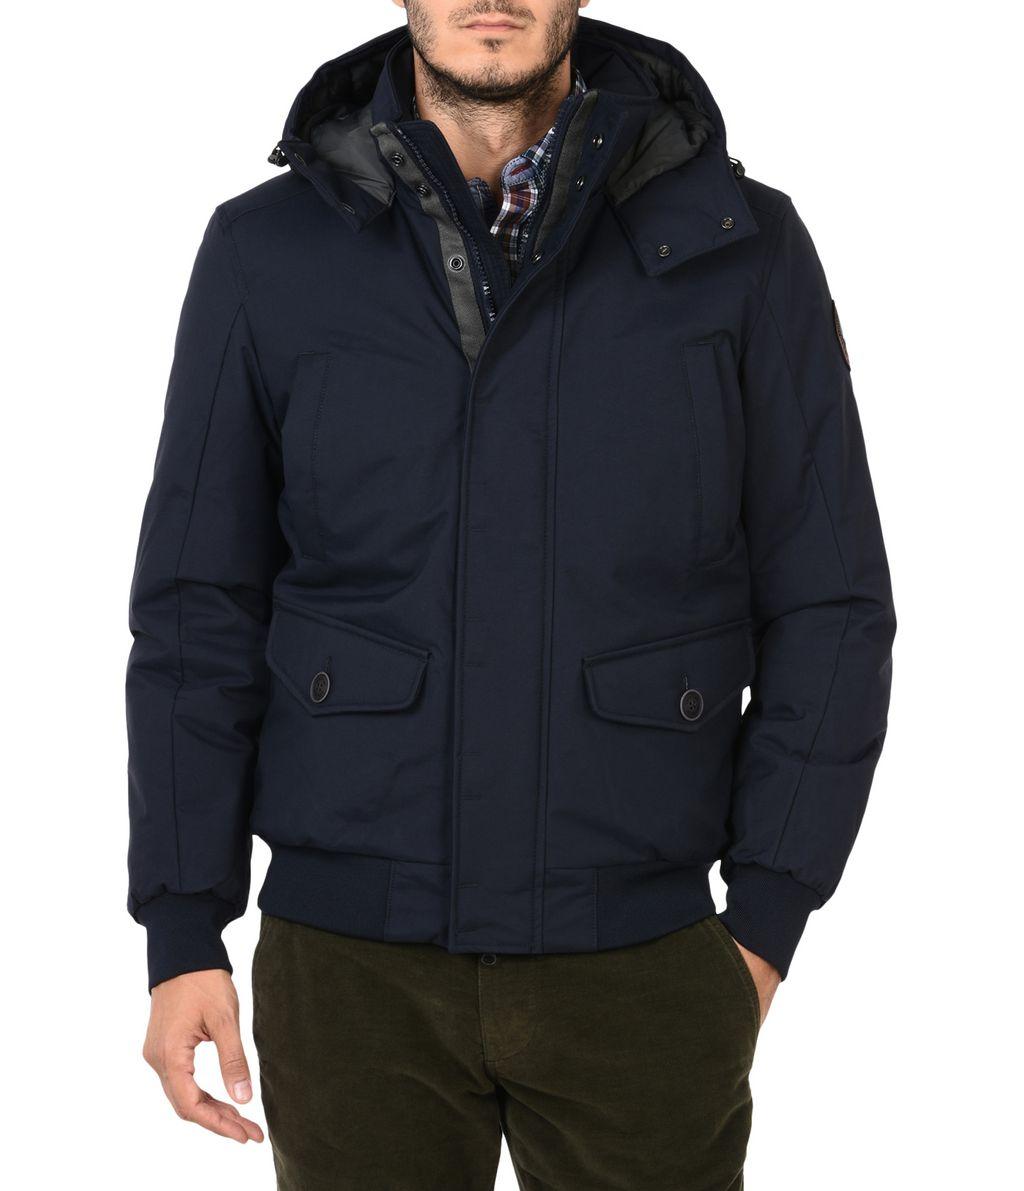 Black jackets on sale